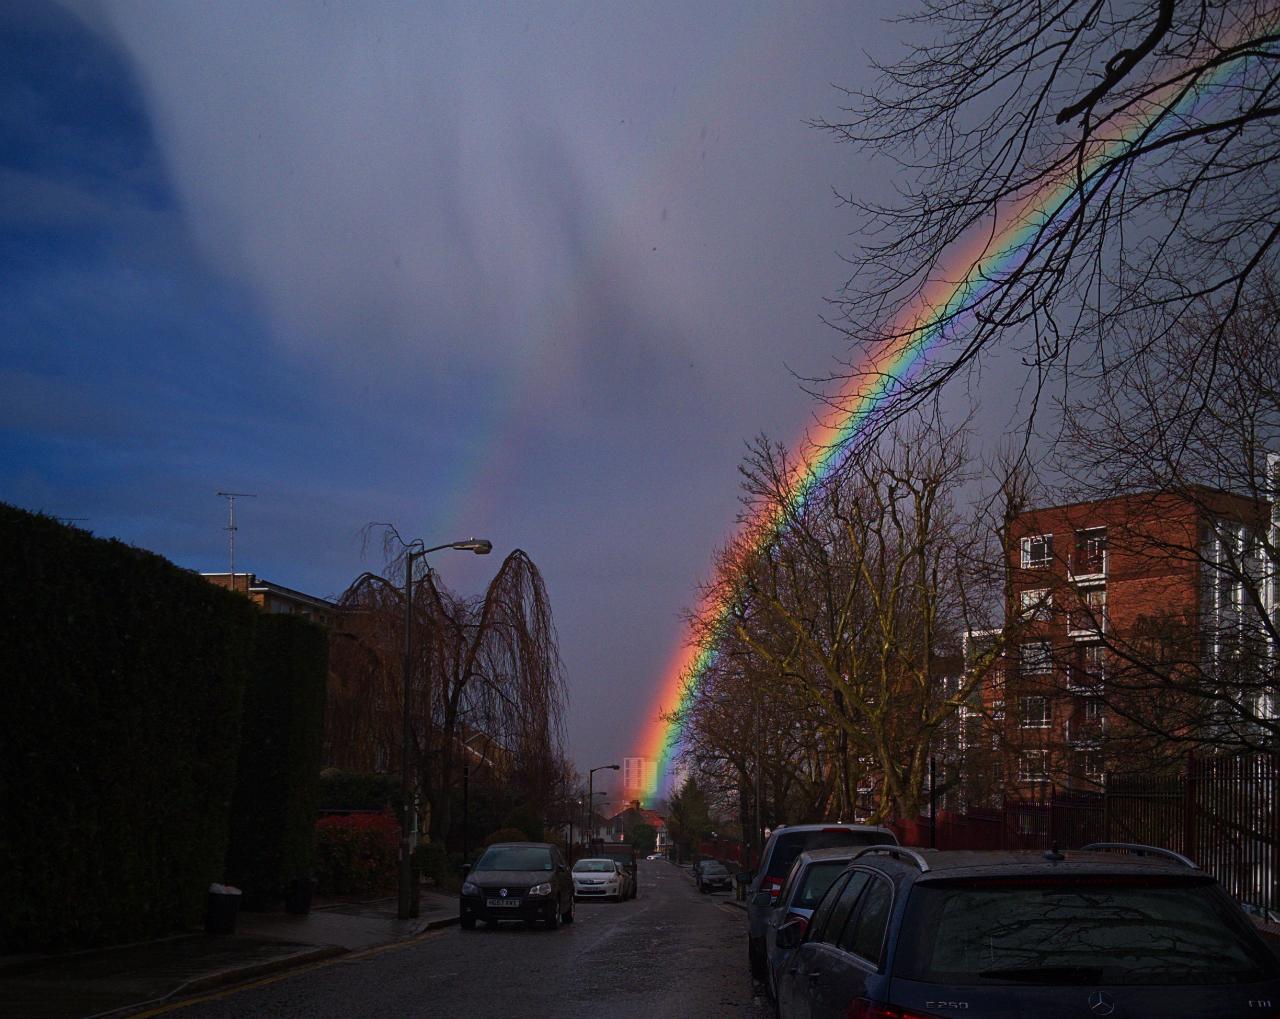 2016年3月28日にロンドンで撮影した虹の写真。主虹の横に副虹が映っている。